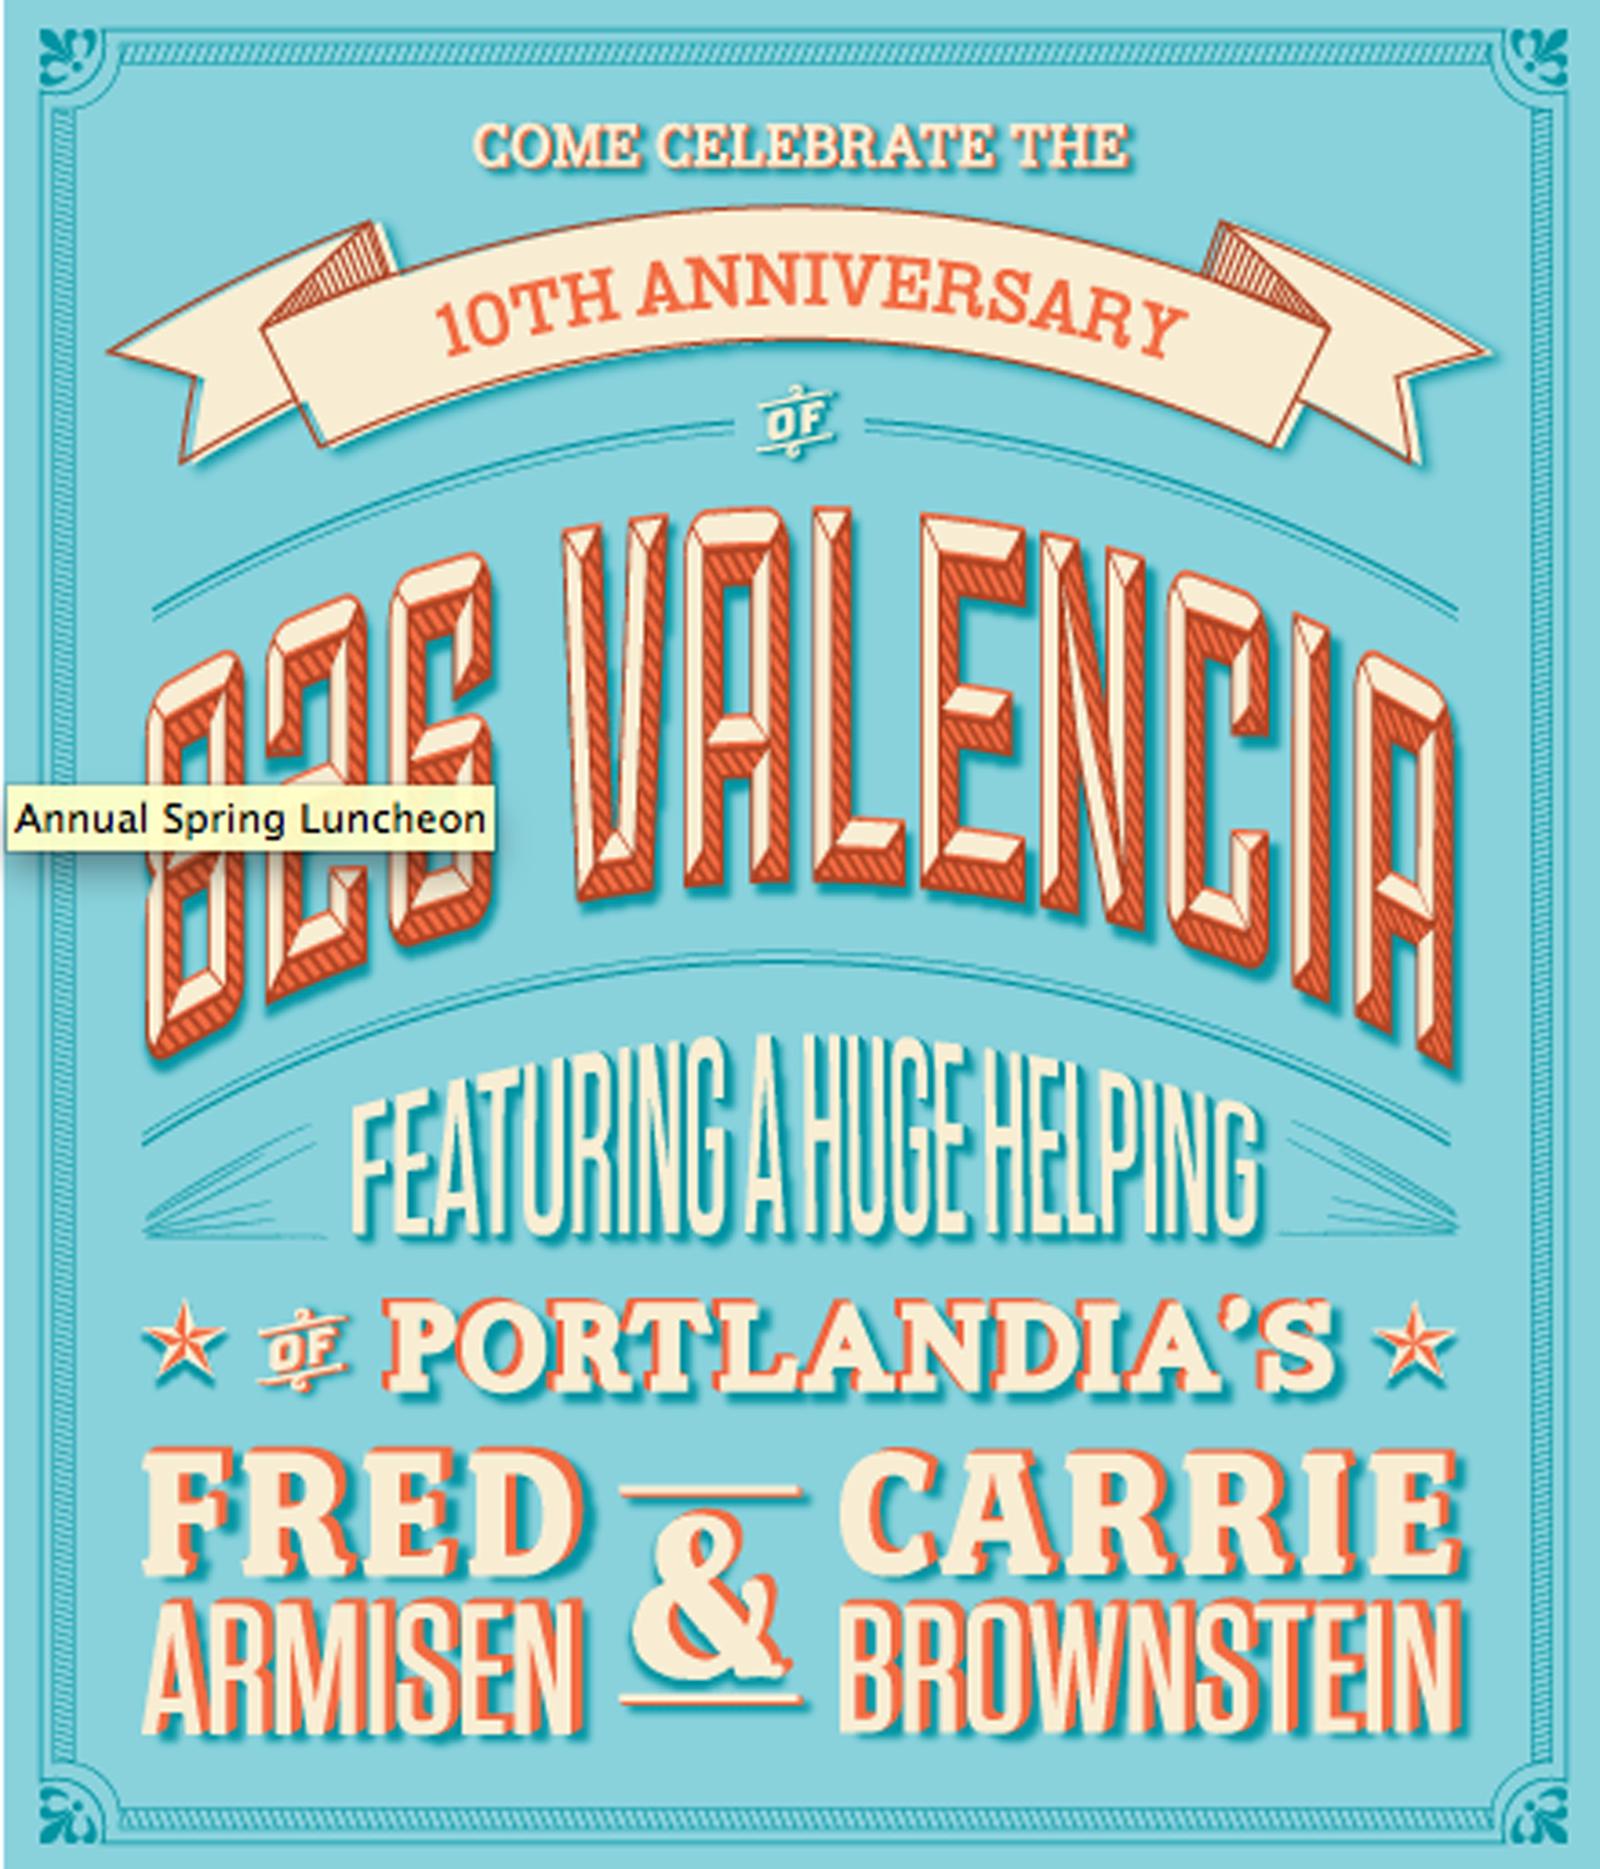 'Portlandia' Stars Celebrate 826 Valencia's 10th Anniversary